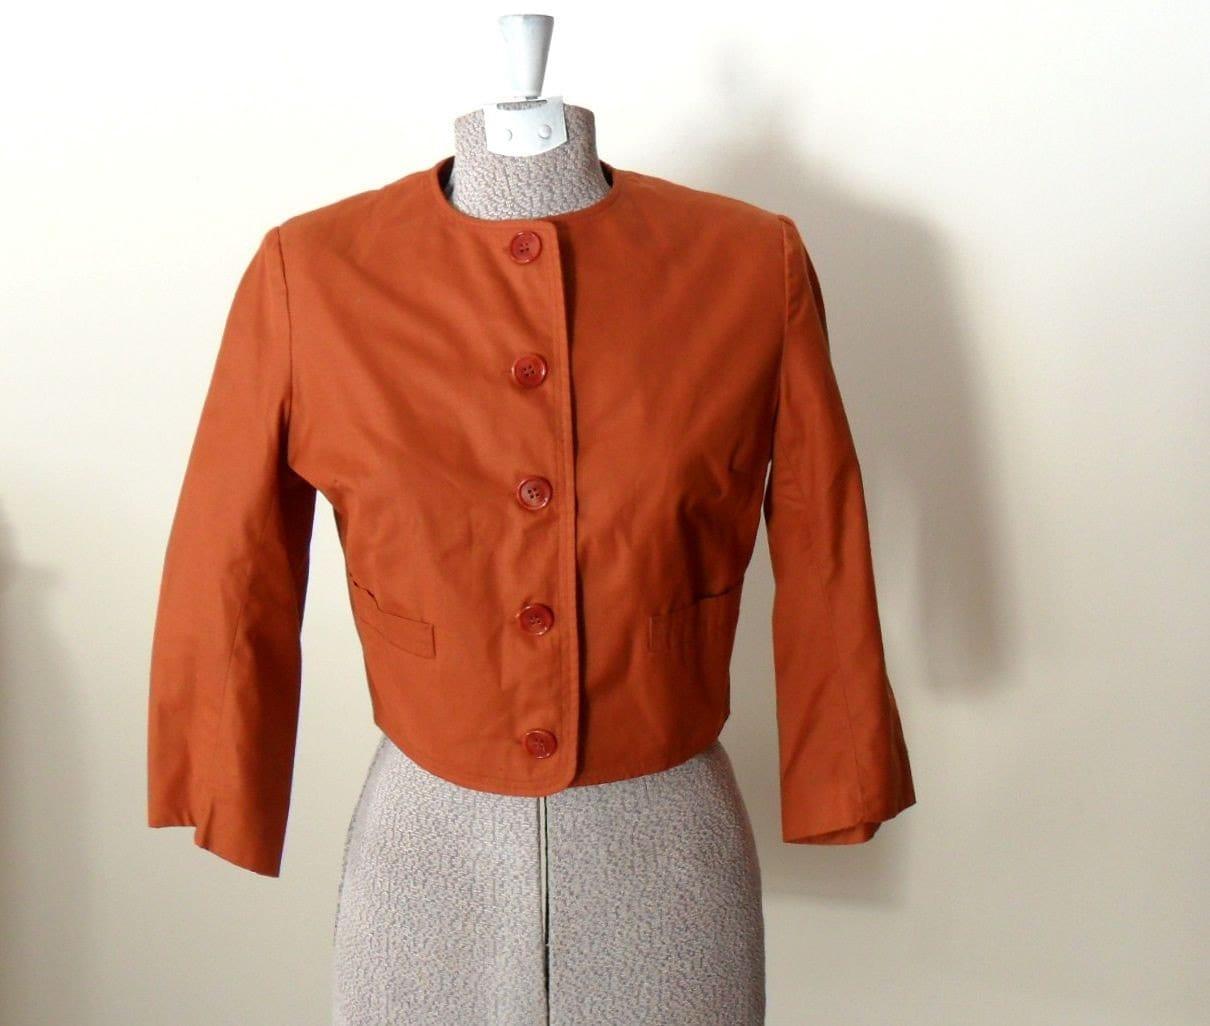 Kelita Cropped Jacket Burnt Orange Brown by BetterWithVintage